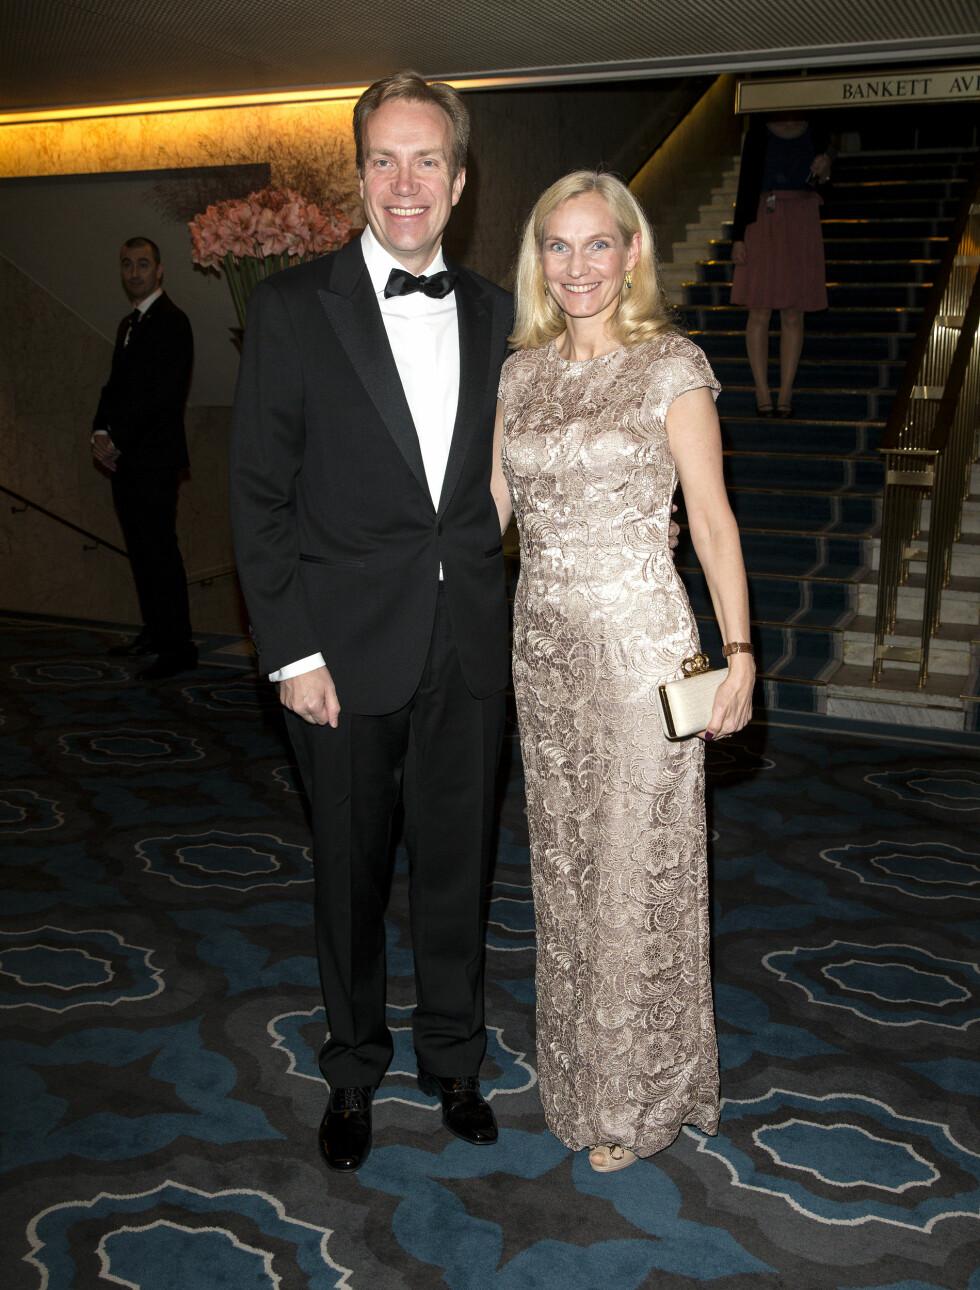 PÅ NOBELBANKETT: Utenriksminister Børge Brende og kona Torild Margrethe. Foto: Andreas Fadum